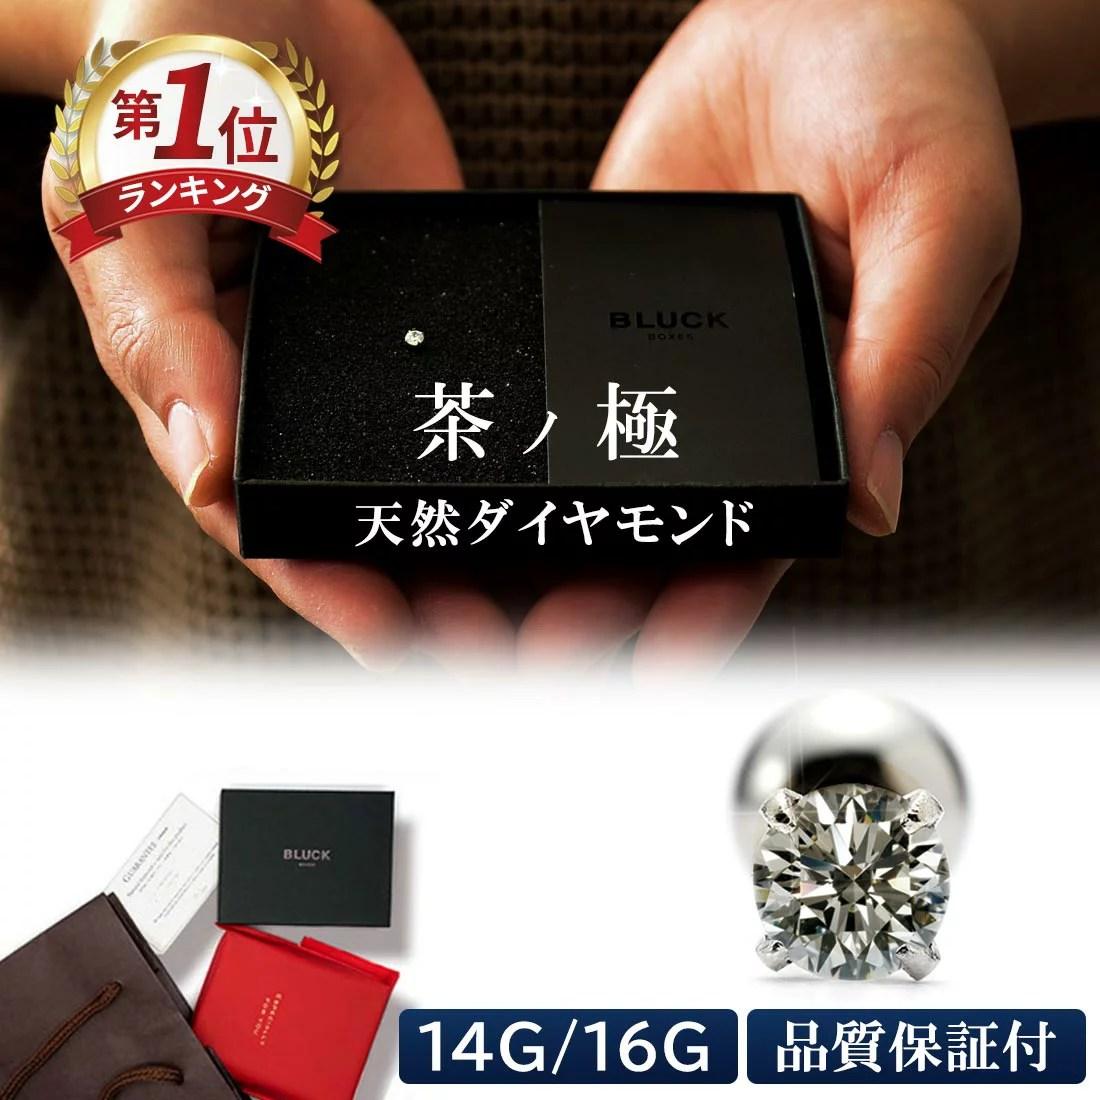 【楽天1位受賞】 茶ノ極 一粒 ボディピアス ダイヤモンド 0.1ct つけっぱ